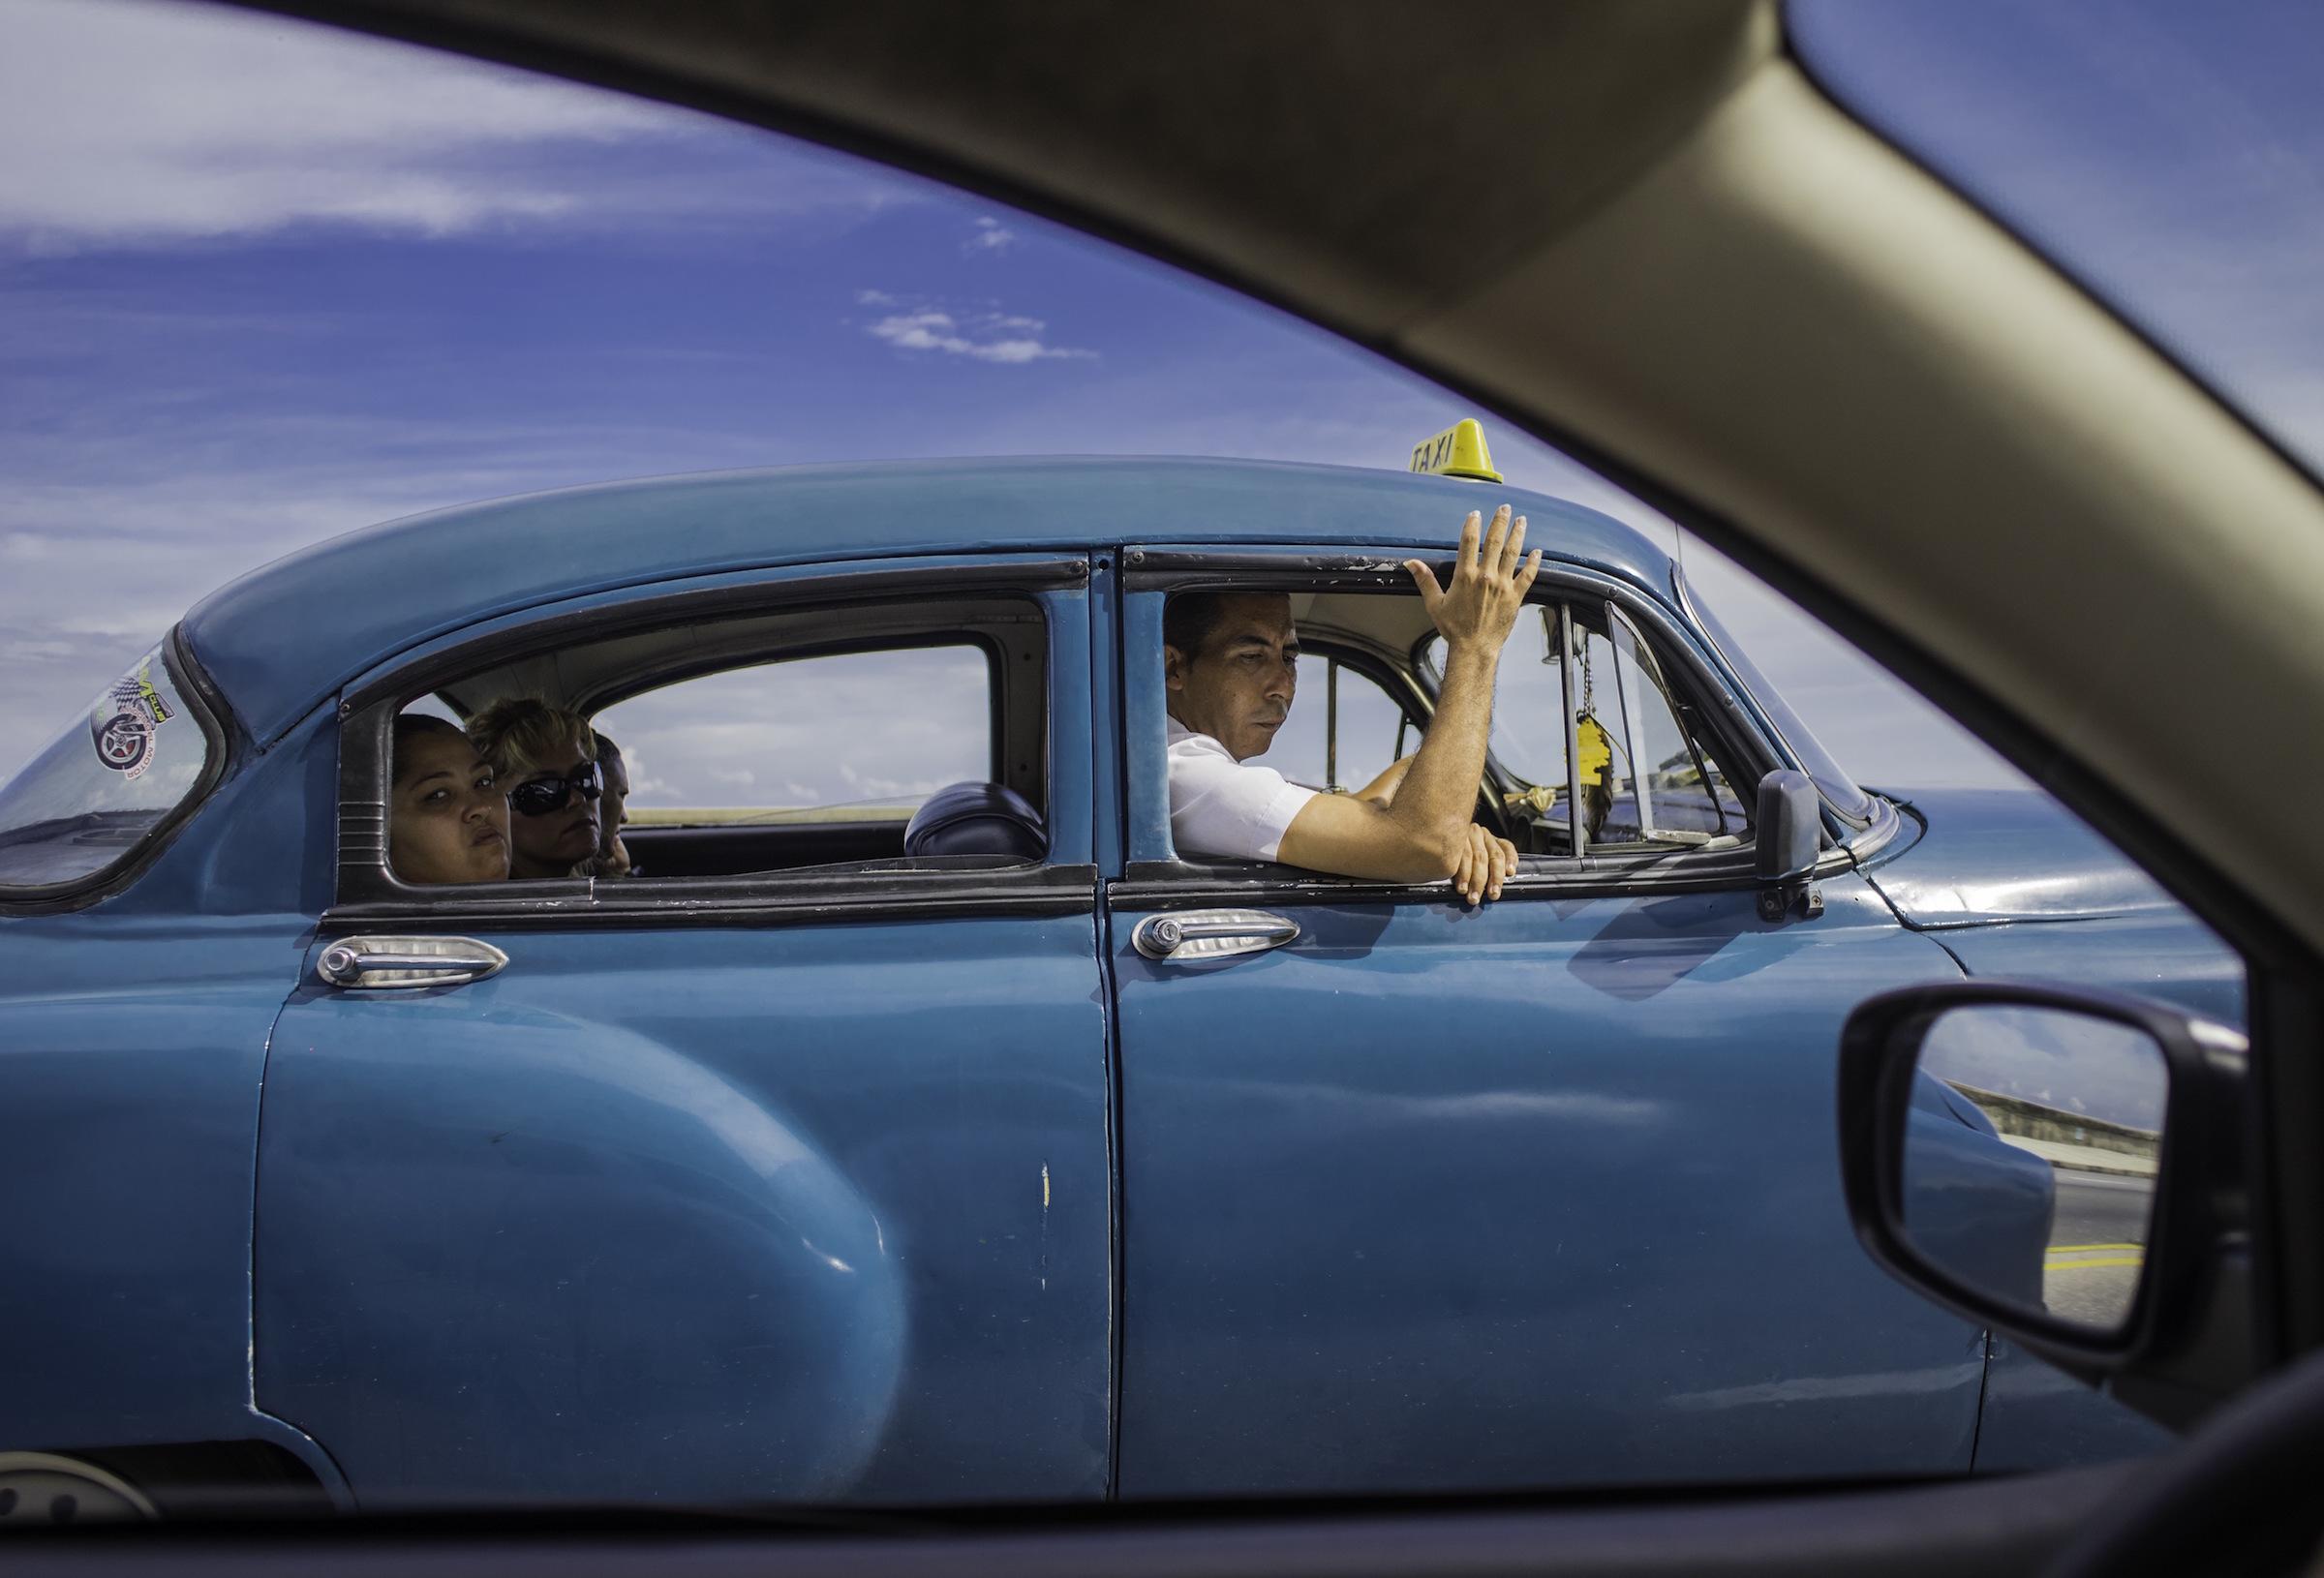 Family in Blue car.jpg